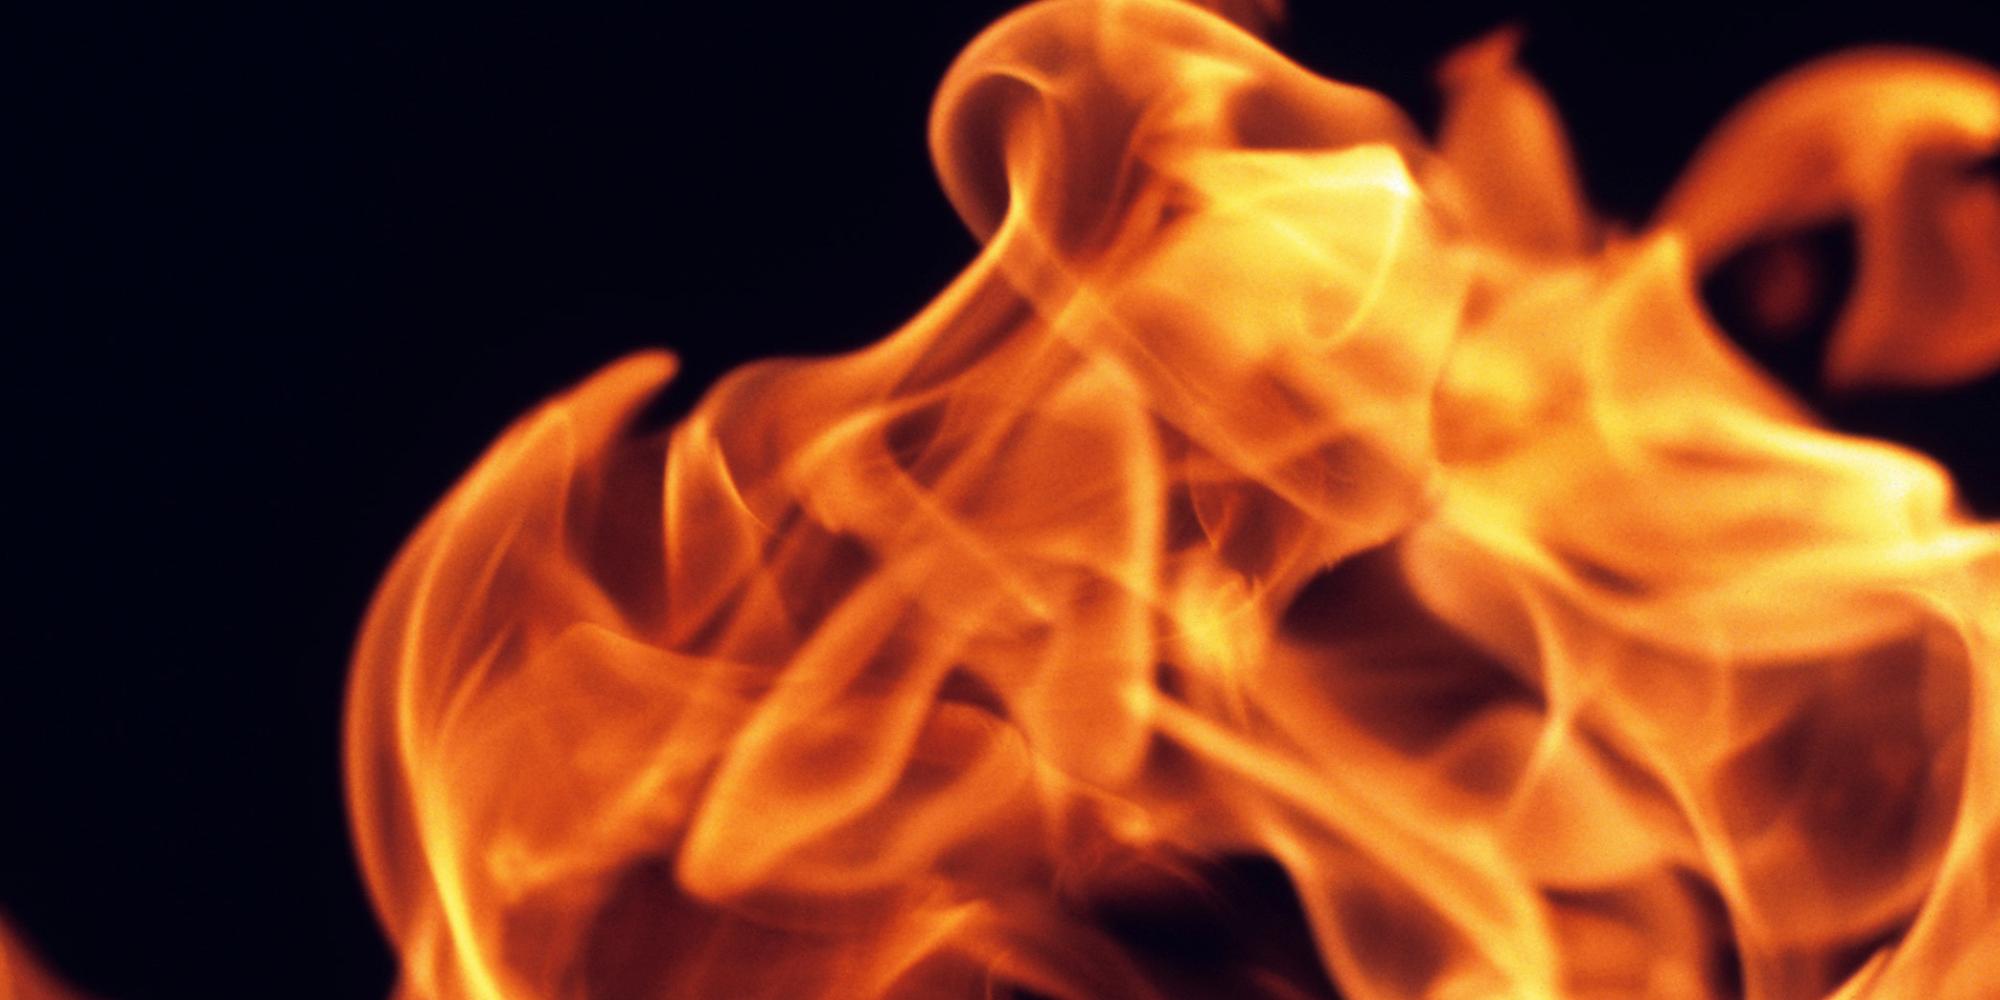 Københavns brand